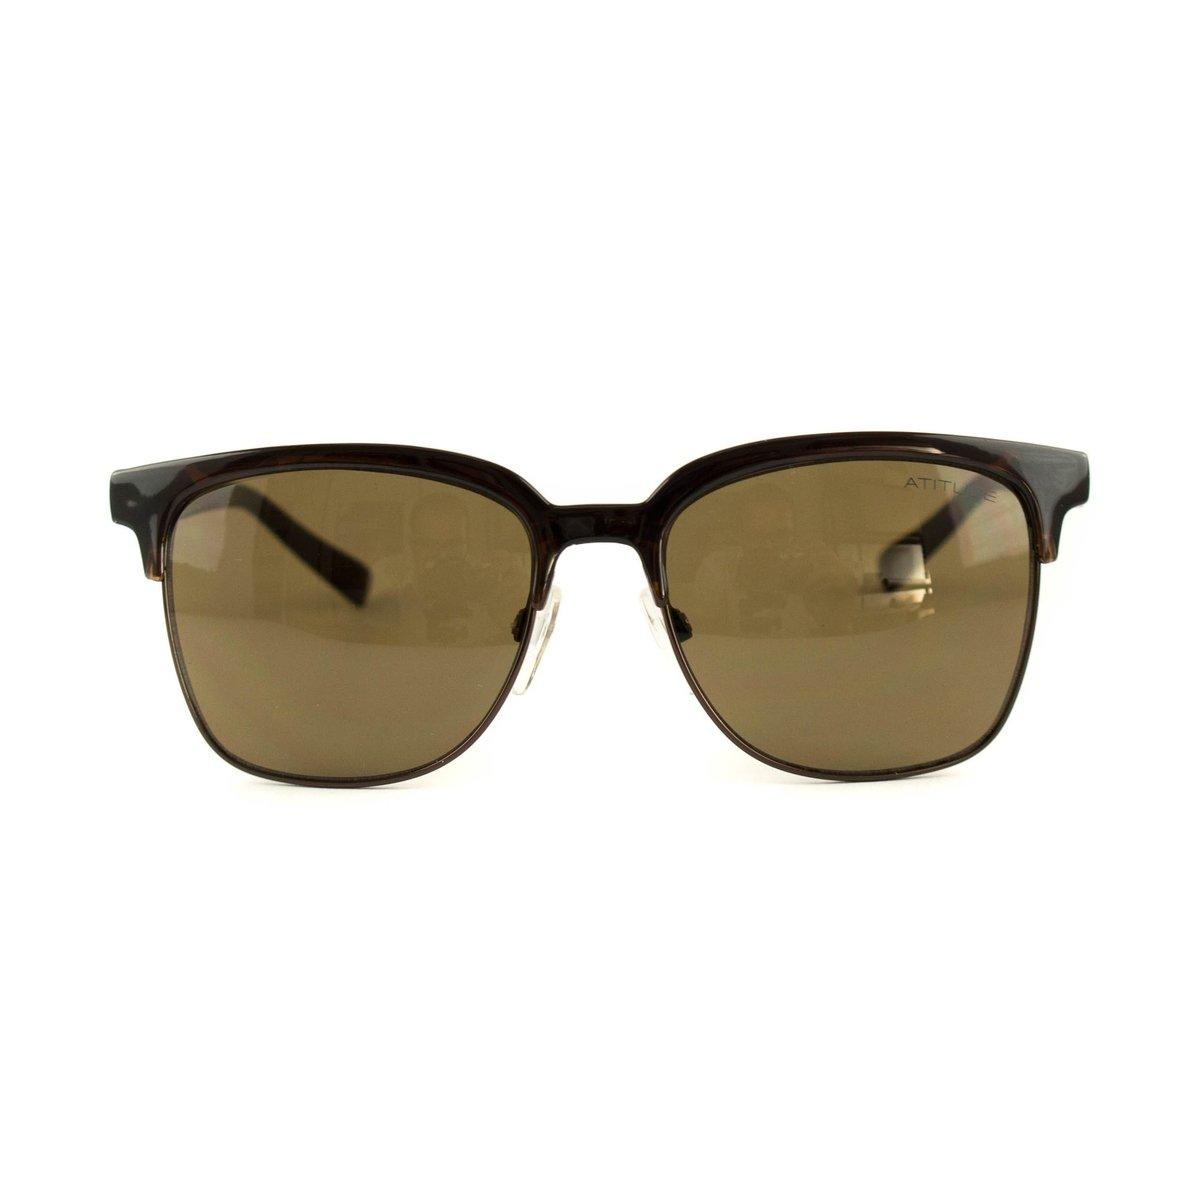 d3dd13e9a7921 Óculos Atitude De Sol  Óculos Atitude De Sol ...